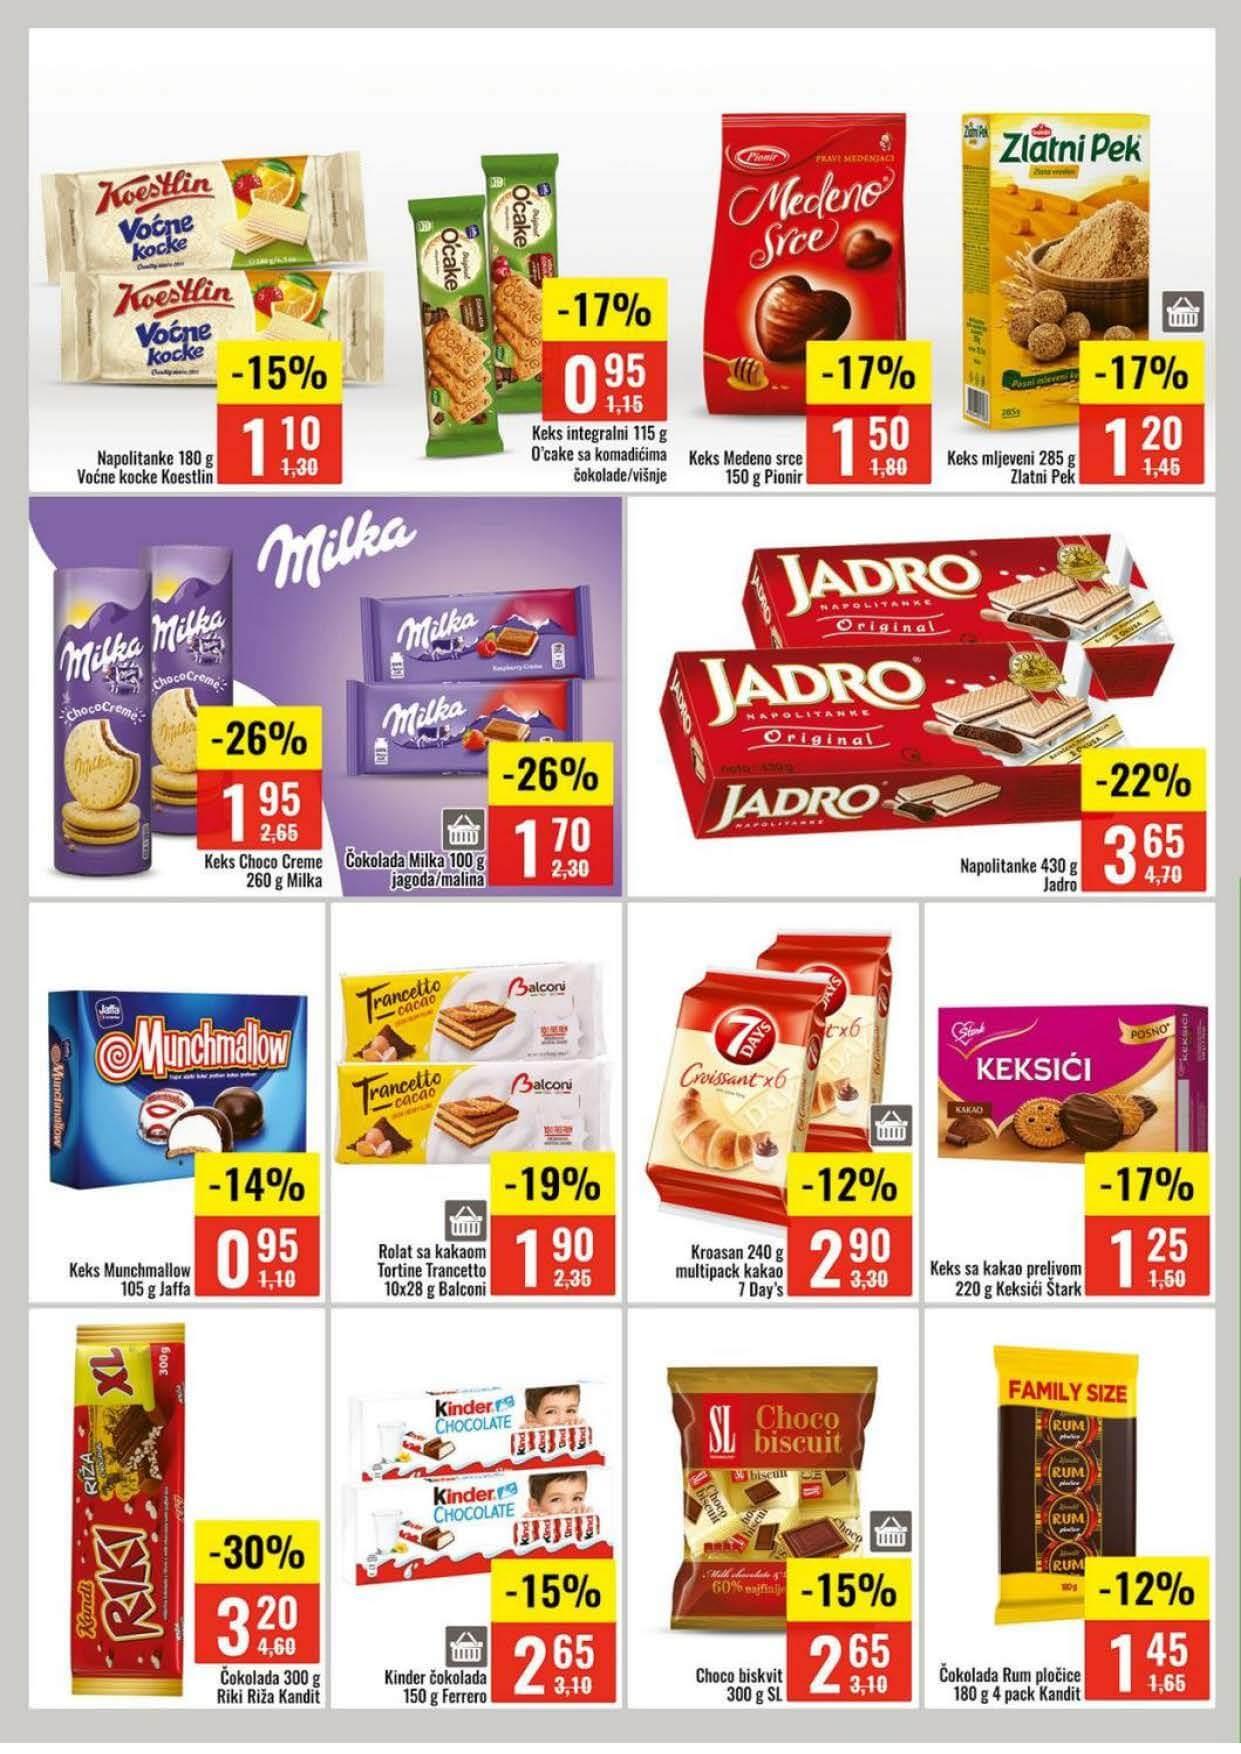 BINGO Katalog Kataloska akcija JUN 2021 15.6. 27.6. eKatalozi.com PR Page 10